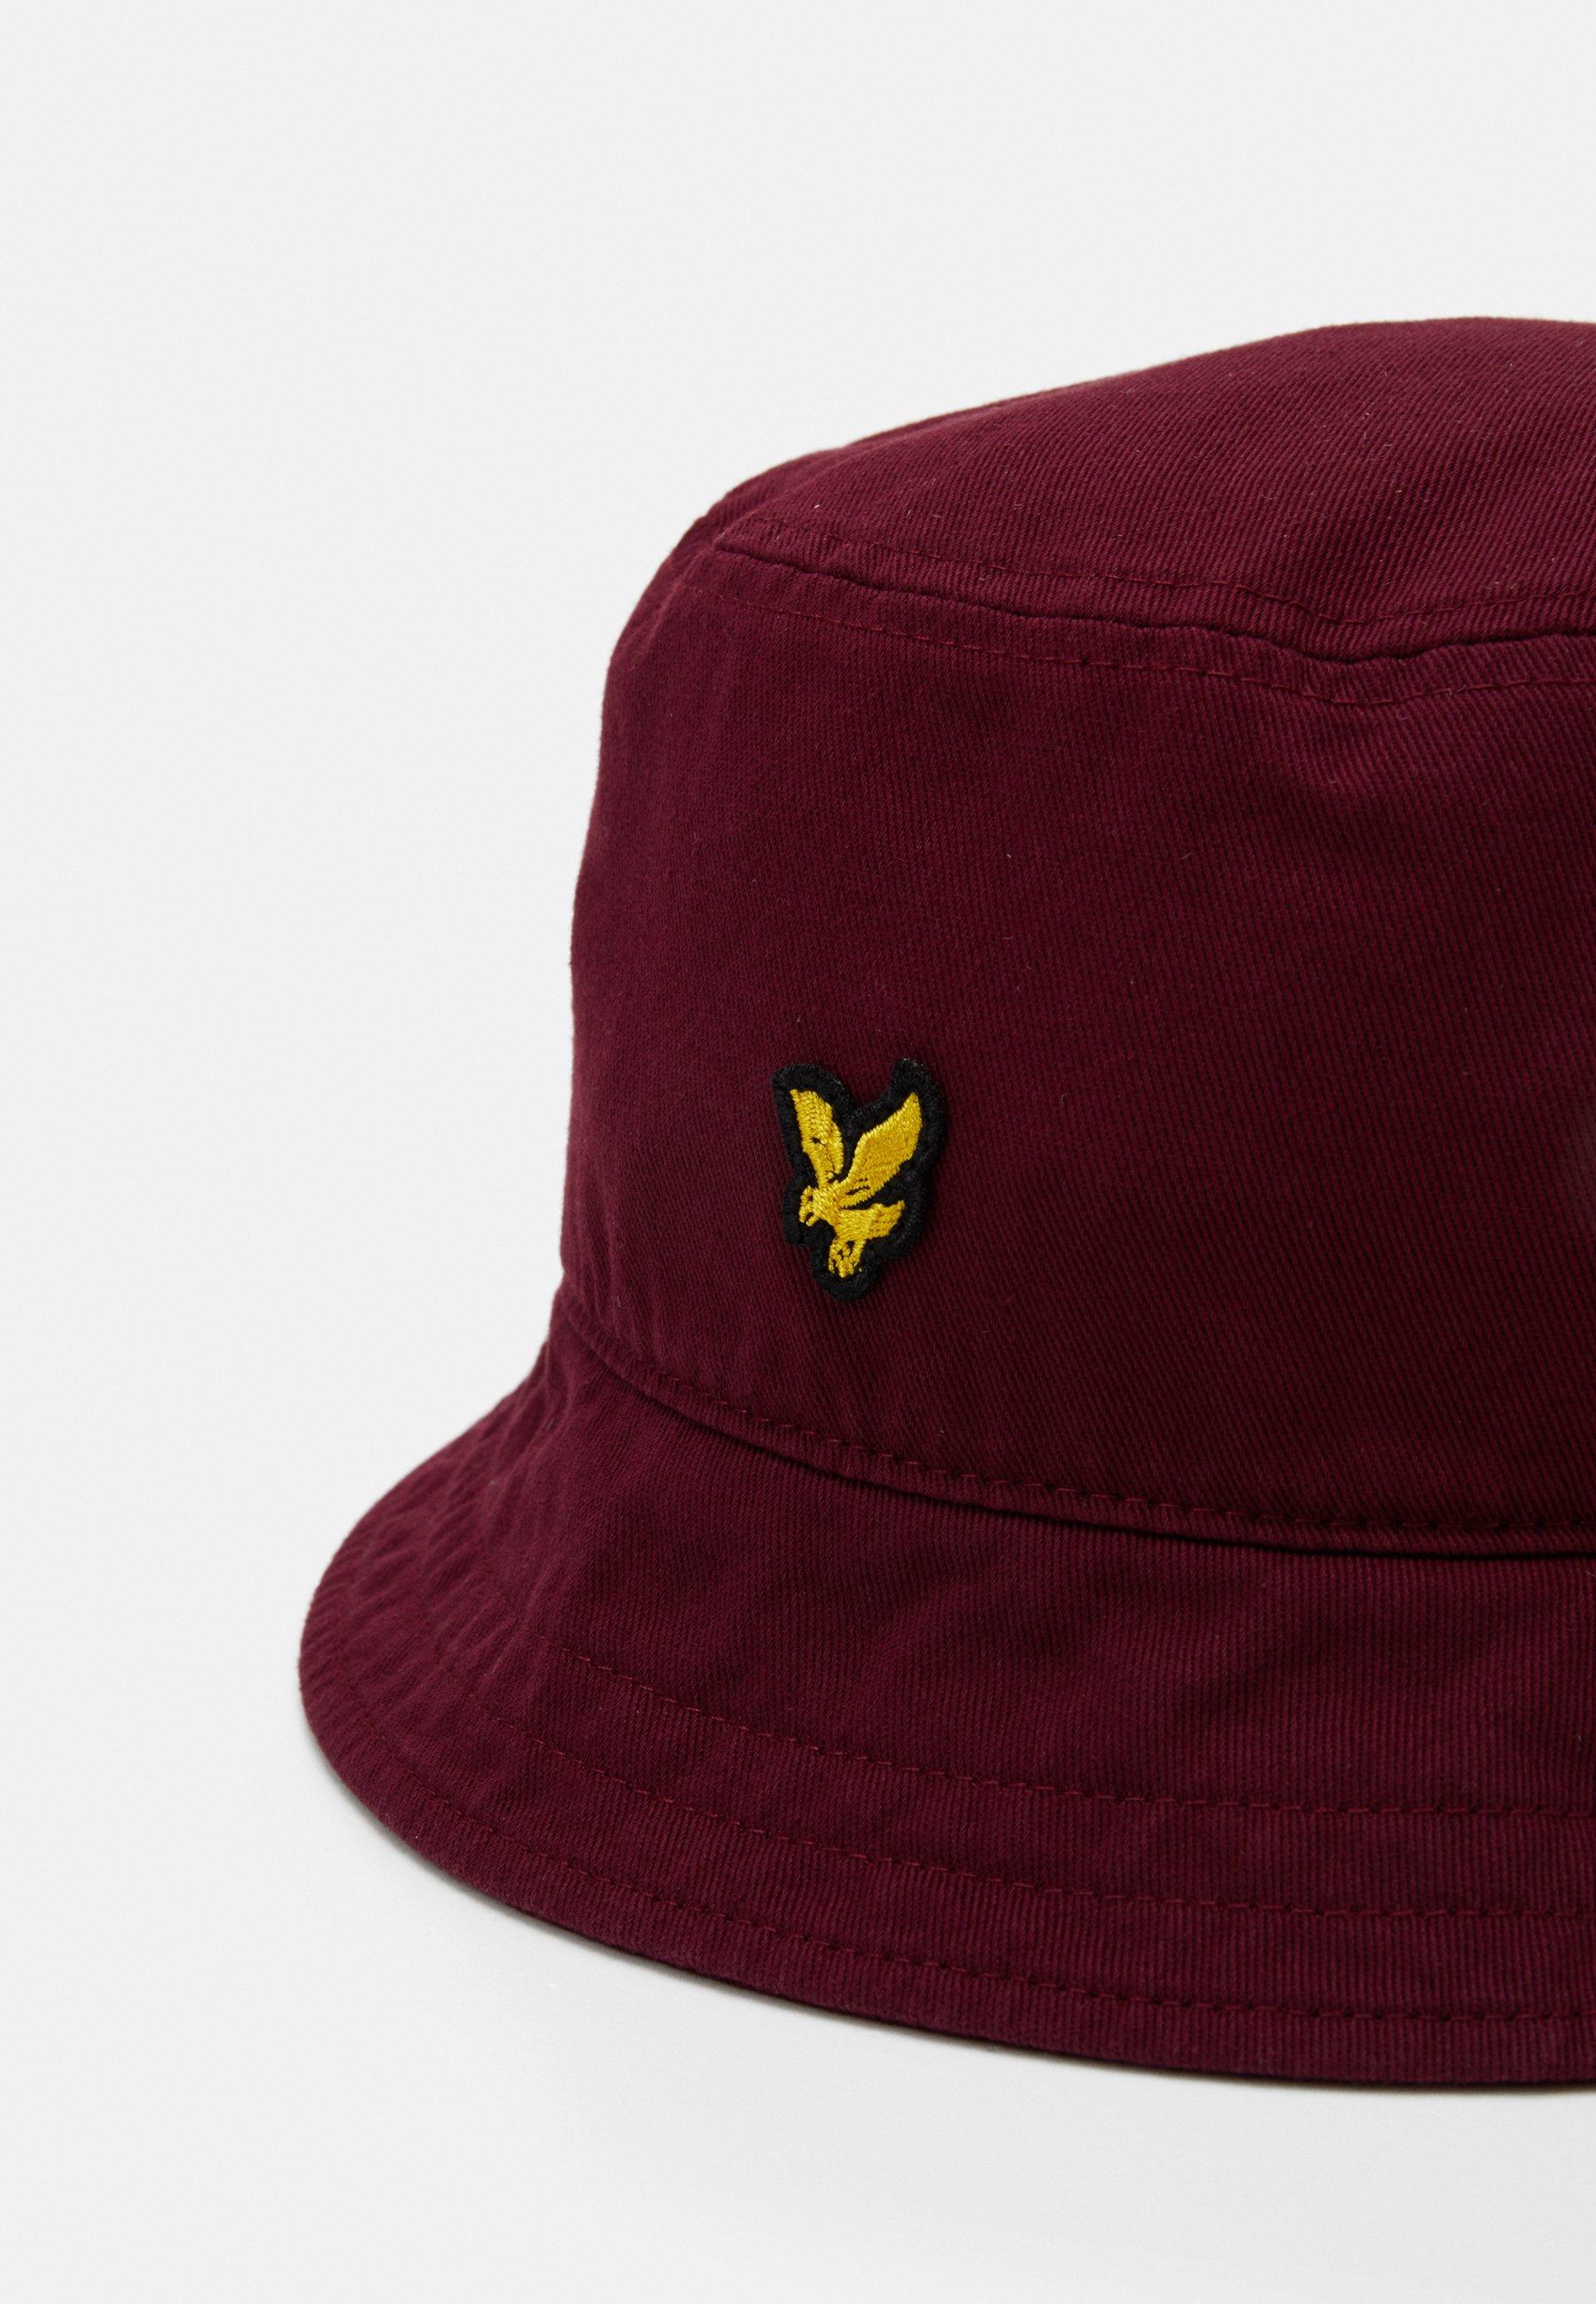 Lyle & Scott BUCKET HAT - Hatt - merlot/mørkerød l0HYpAsy3LQ3yBb